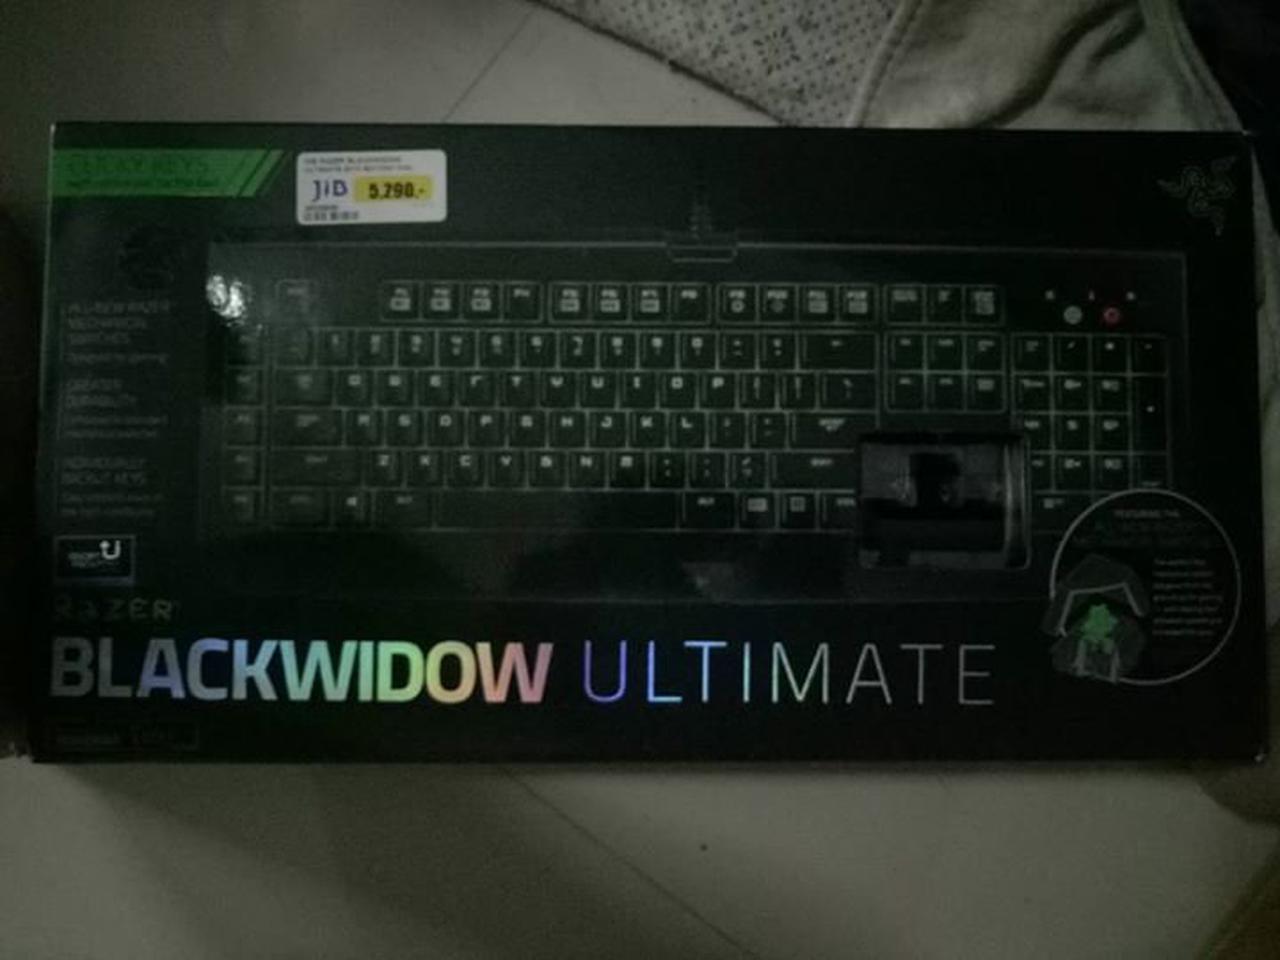 คีบอร์ด blackwidow untimate รูปที่ 1